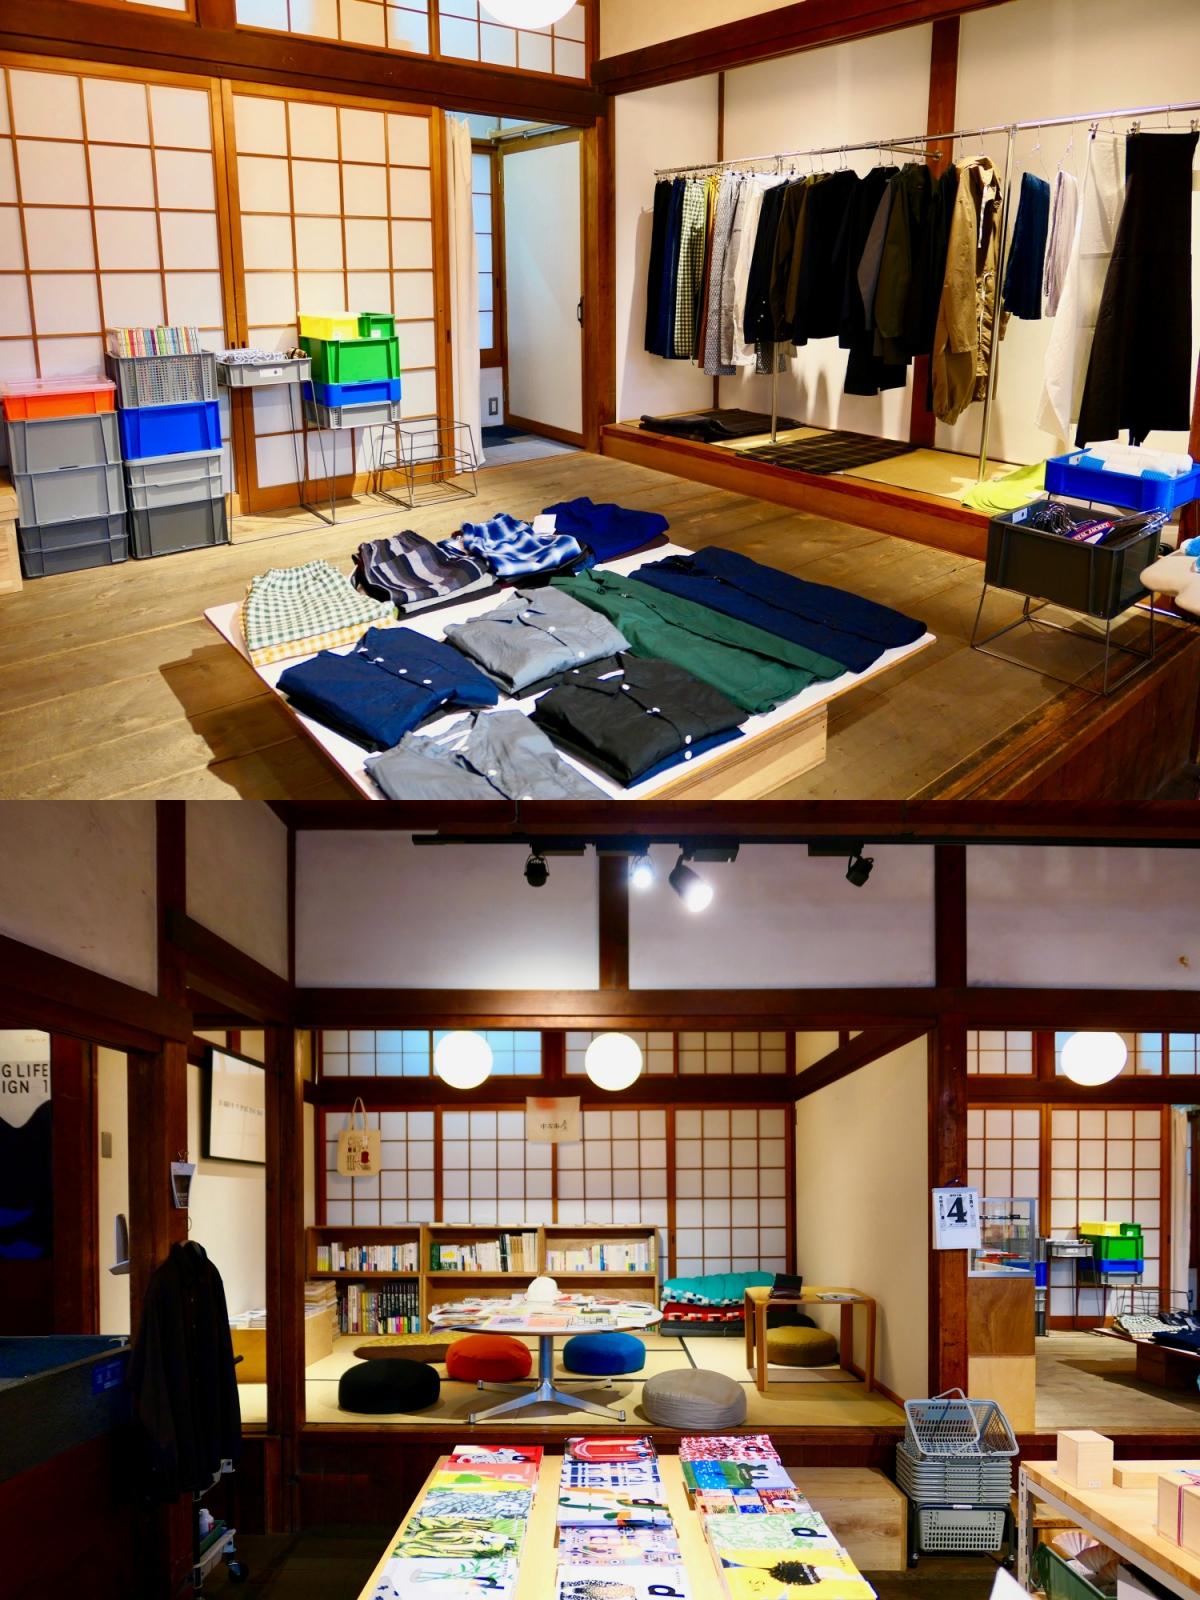 스님의 숙소로 만든 공간을 그대로 활용해 다다미방에 상품을 진열해놓았다. ©생각노트